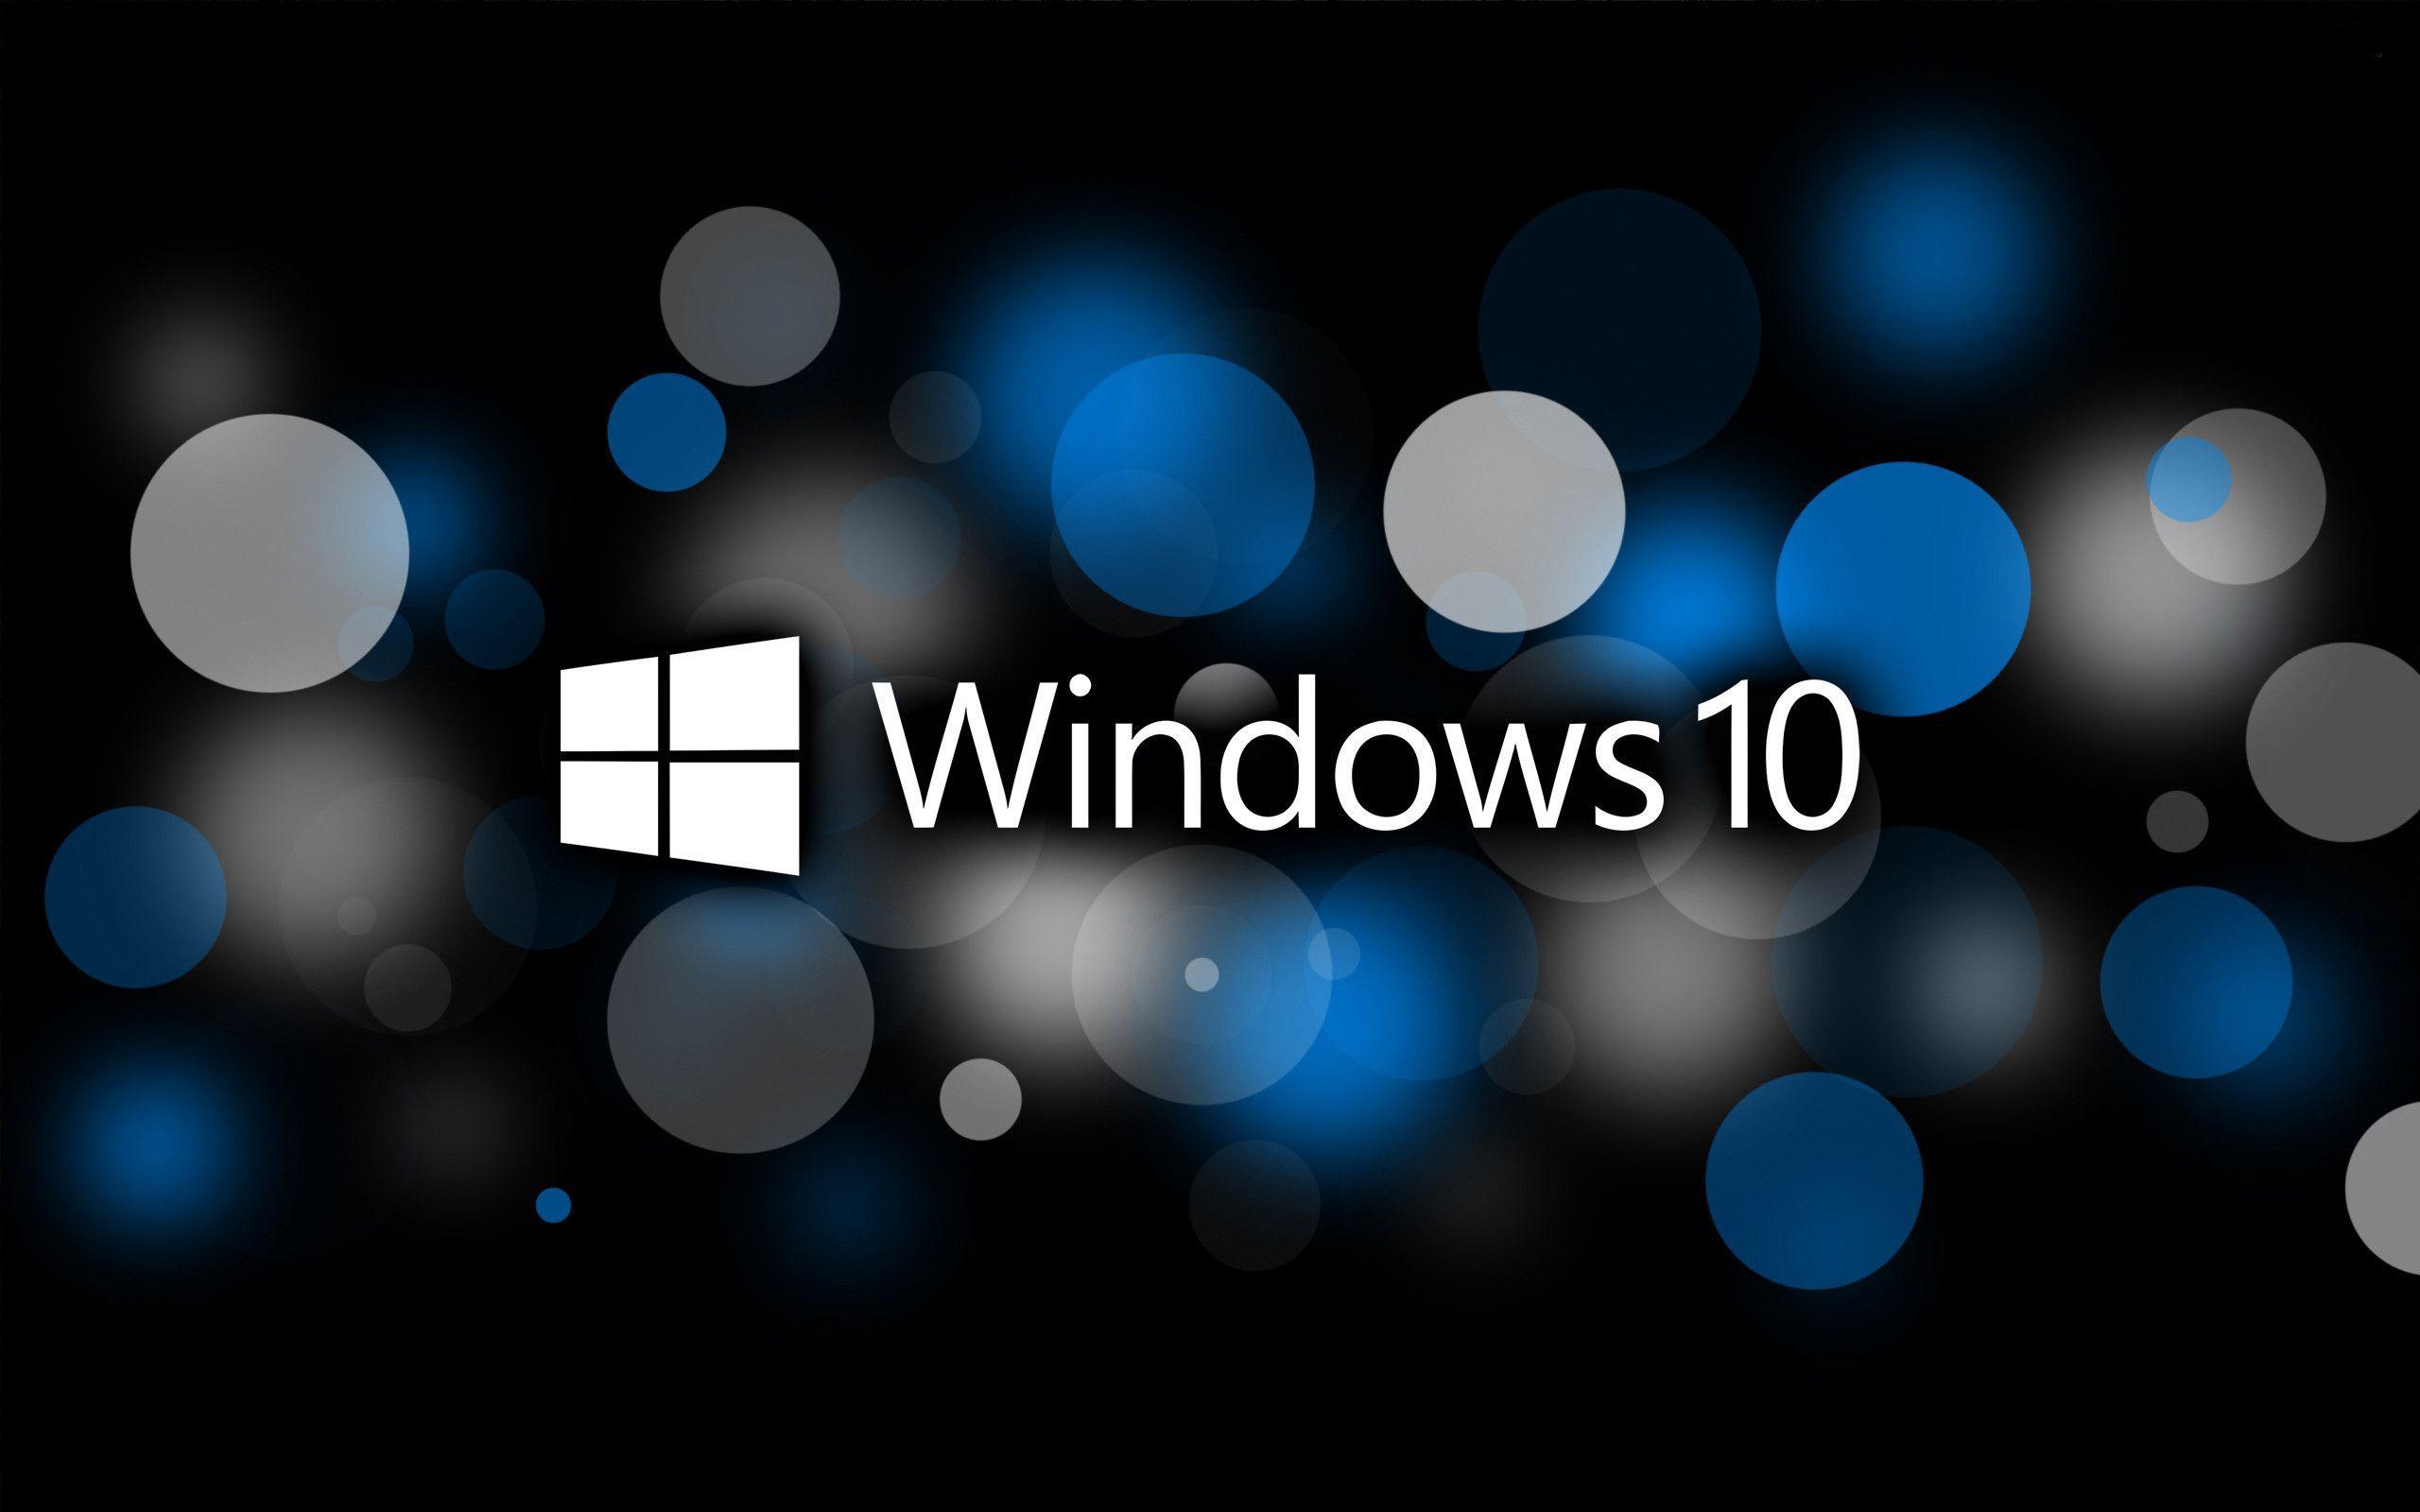 Windows 10 Wallpaper Broken Mywallpapers Site Wallpaper Windows 10 Windows Wallpaper Wallpaper App